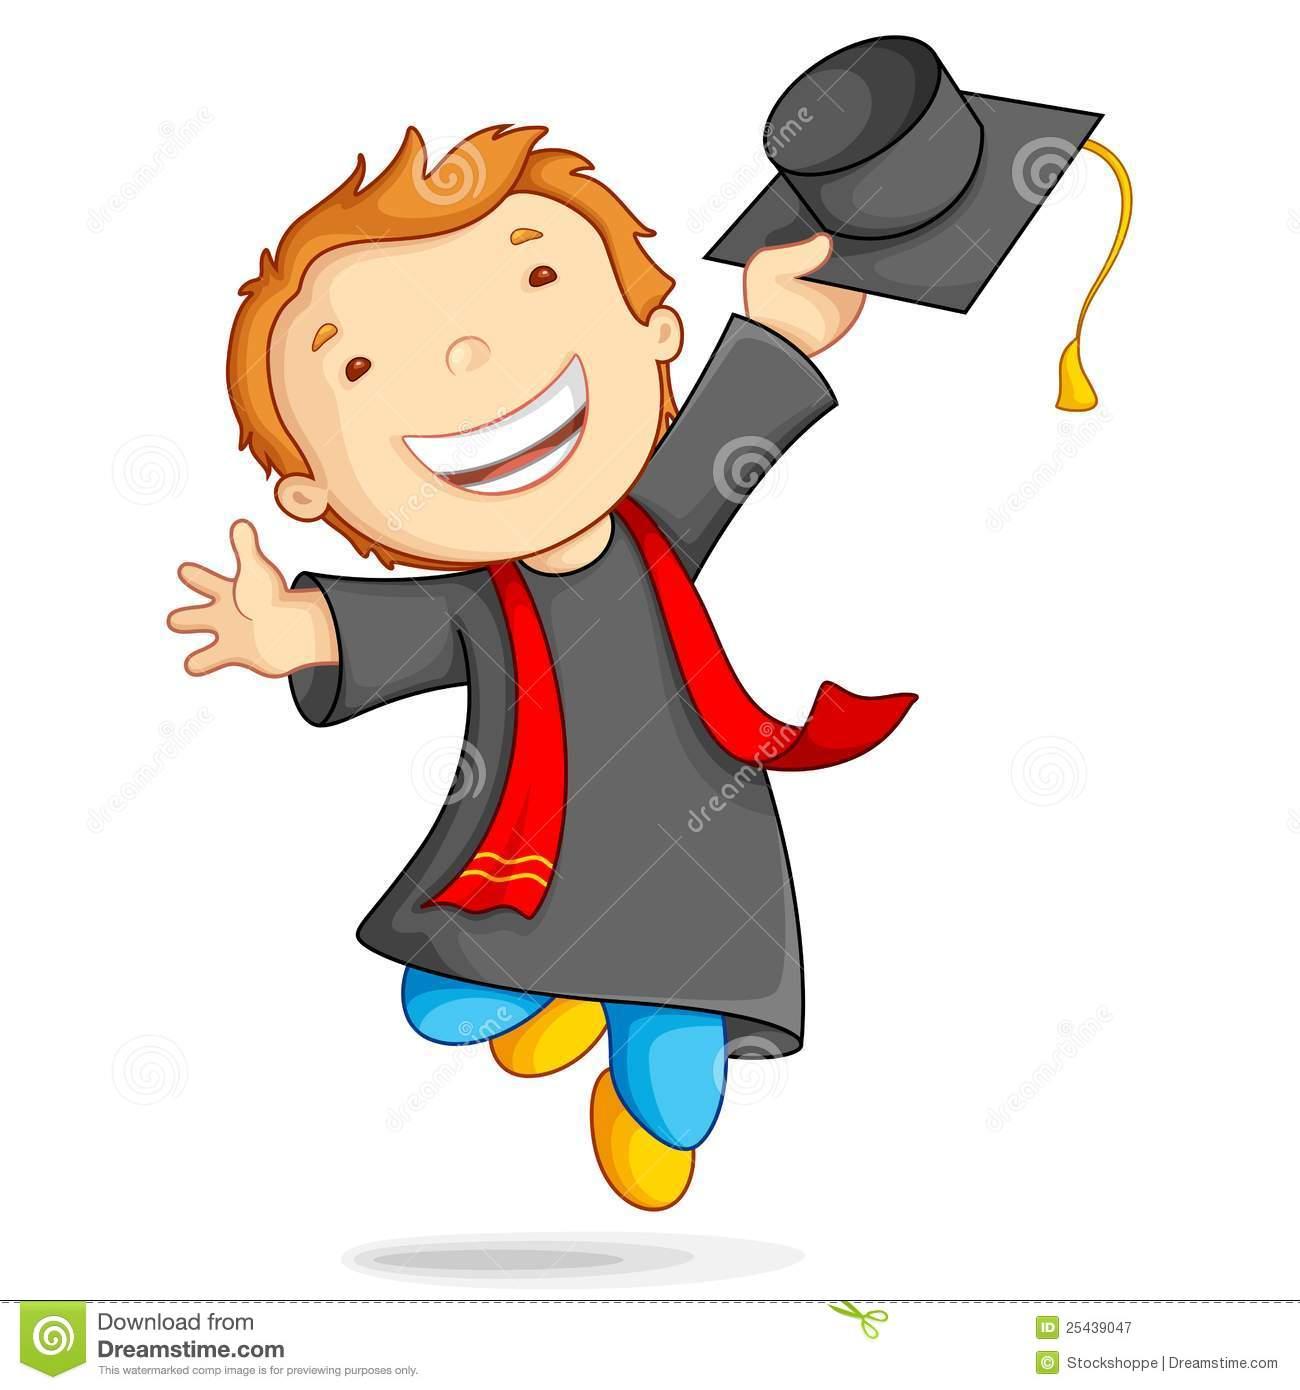 Kindergarten Graduation Clipart | Clipar-Kindergarten Graduation Clipart | Clipart Panda - Free Clipart Images 1300 x 1390-15